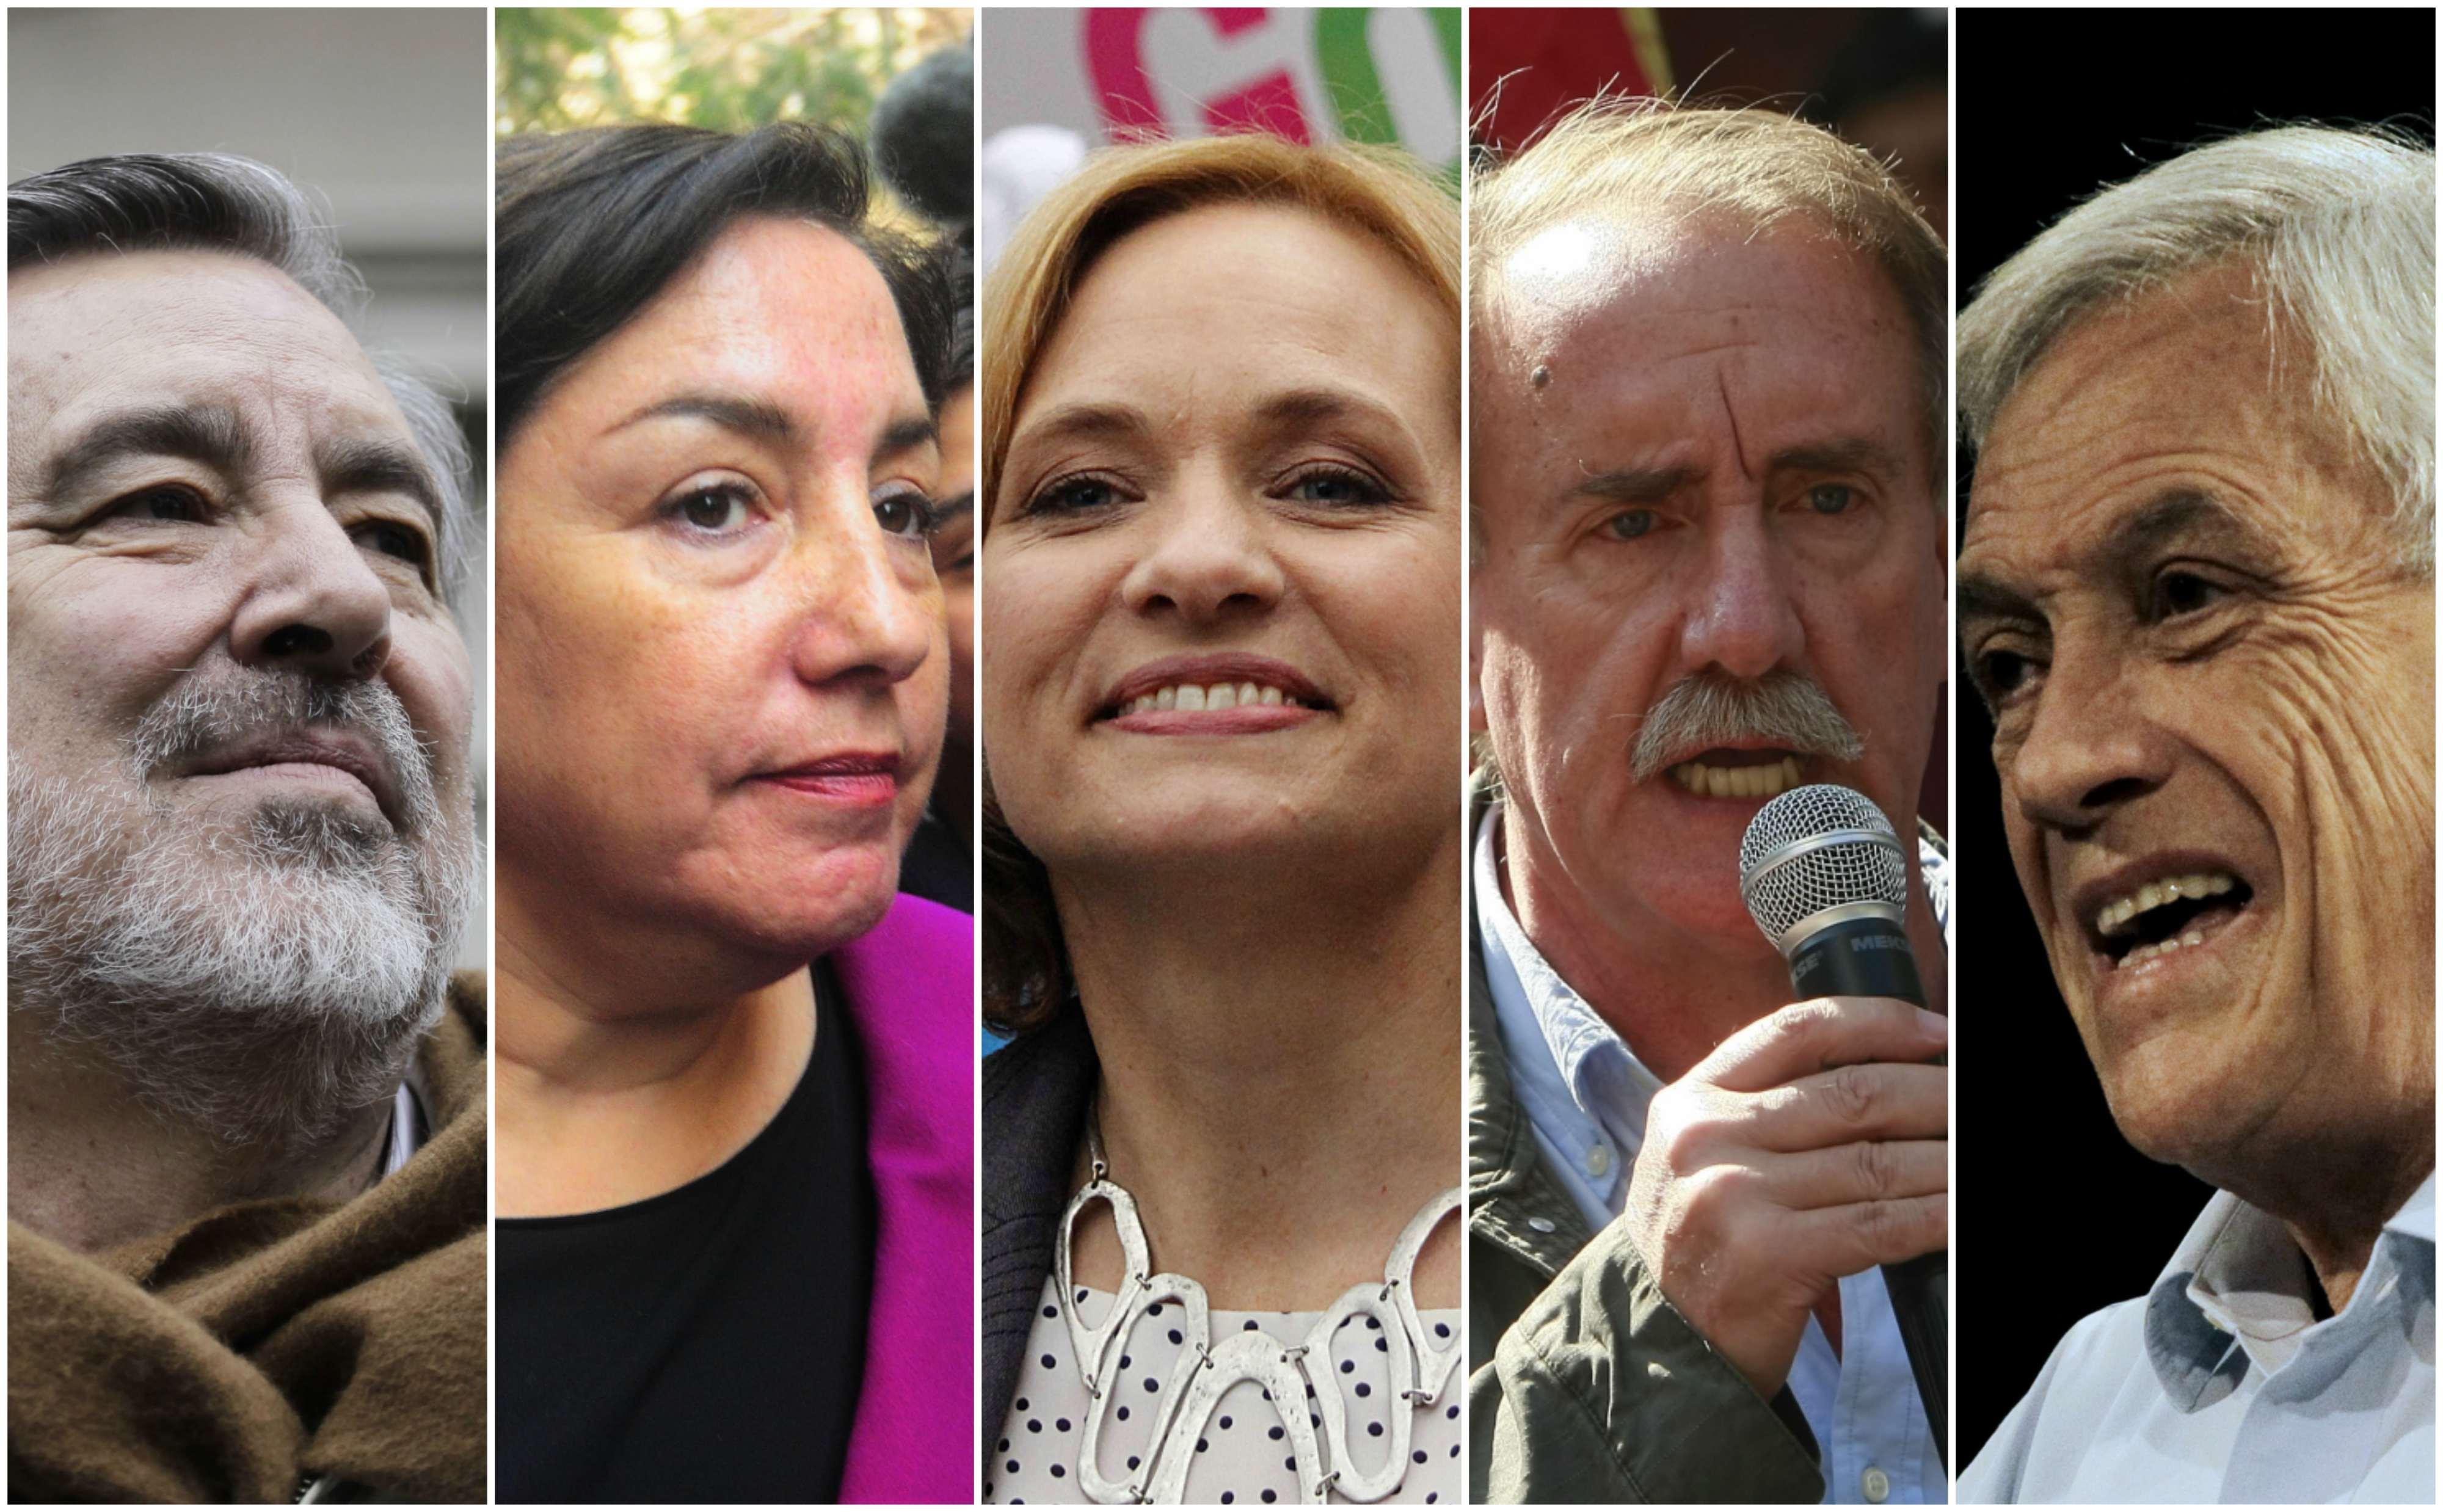 Presidenciales 2017: estos son los ocho candidatos oficiales que competirán en noviembre